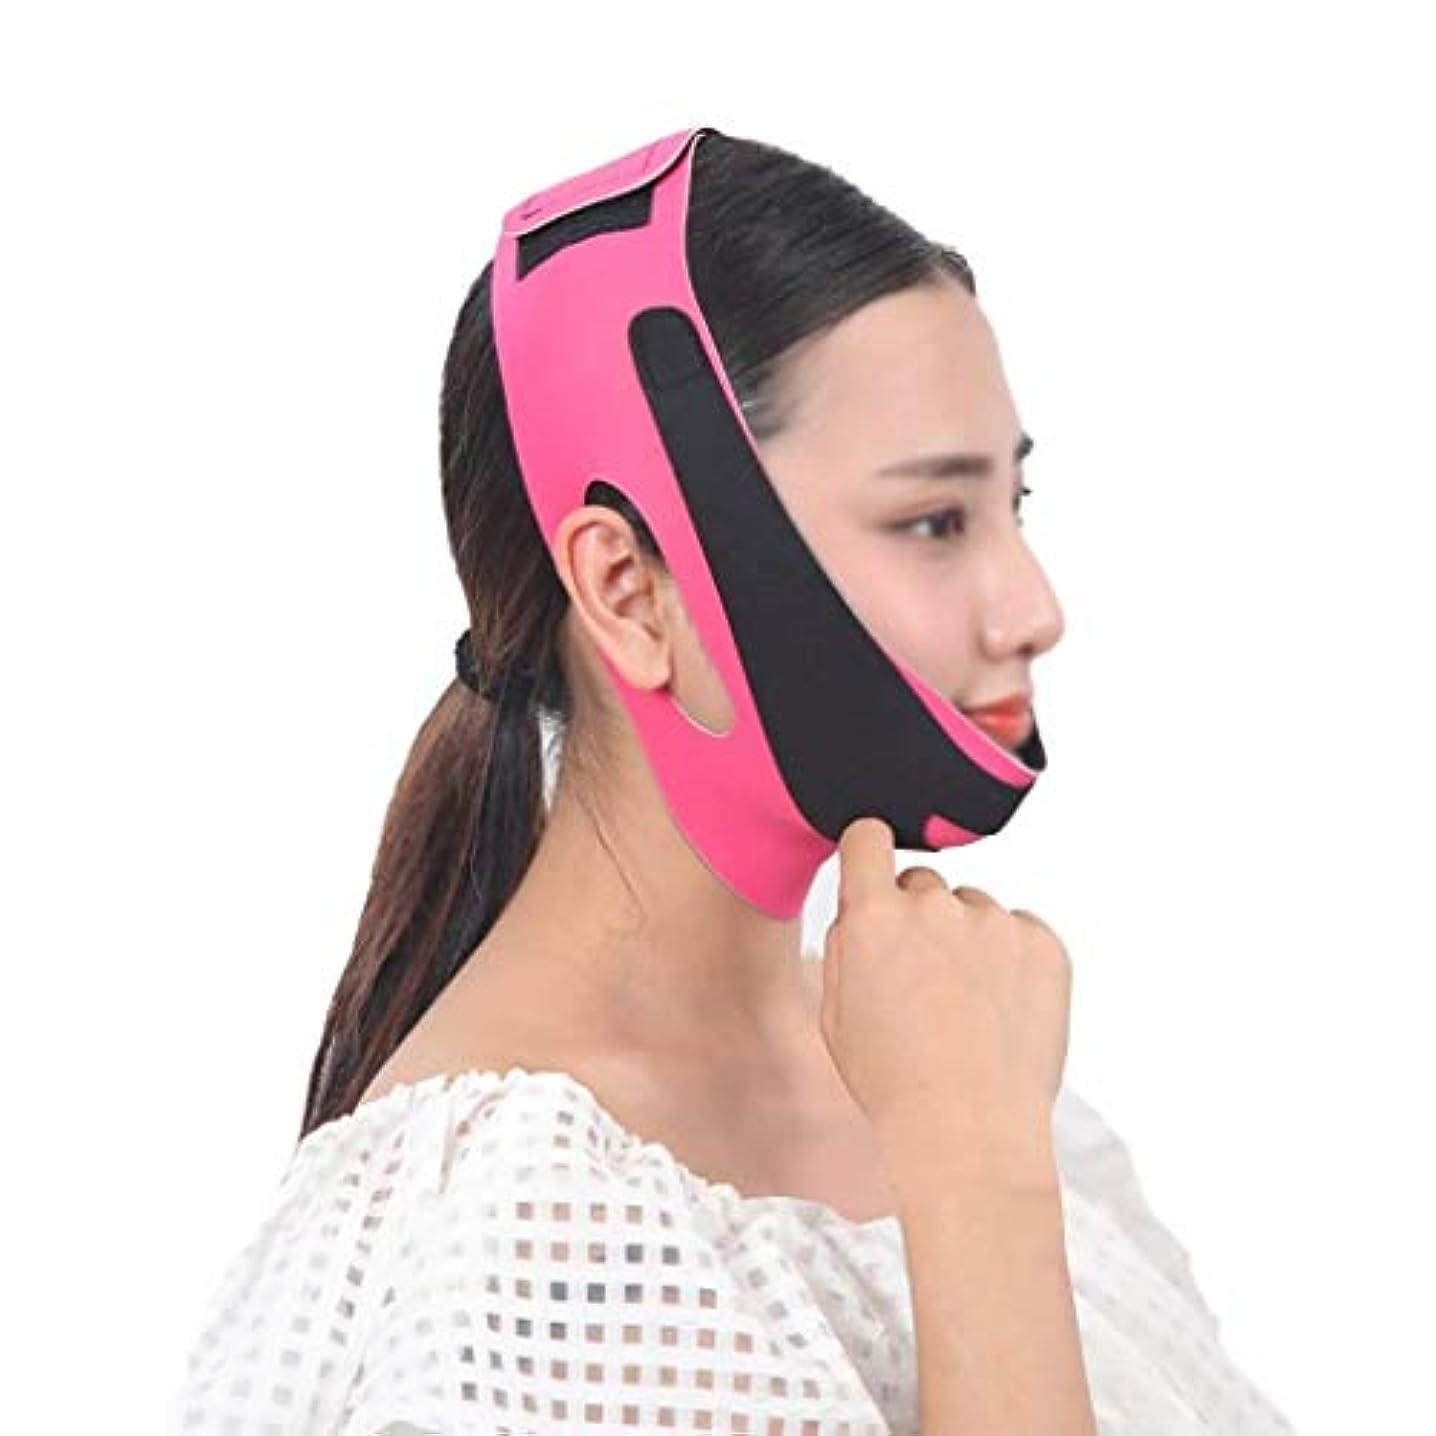 とにかく人種異邦人フェイスアンドネックリフト術後弾性フェイスマスク小さなV顔アーティファクト薄い顔包帯アーティファクトV顔ぶら下げ耳リフティング引き締め薄い顔アーティファクト